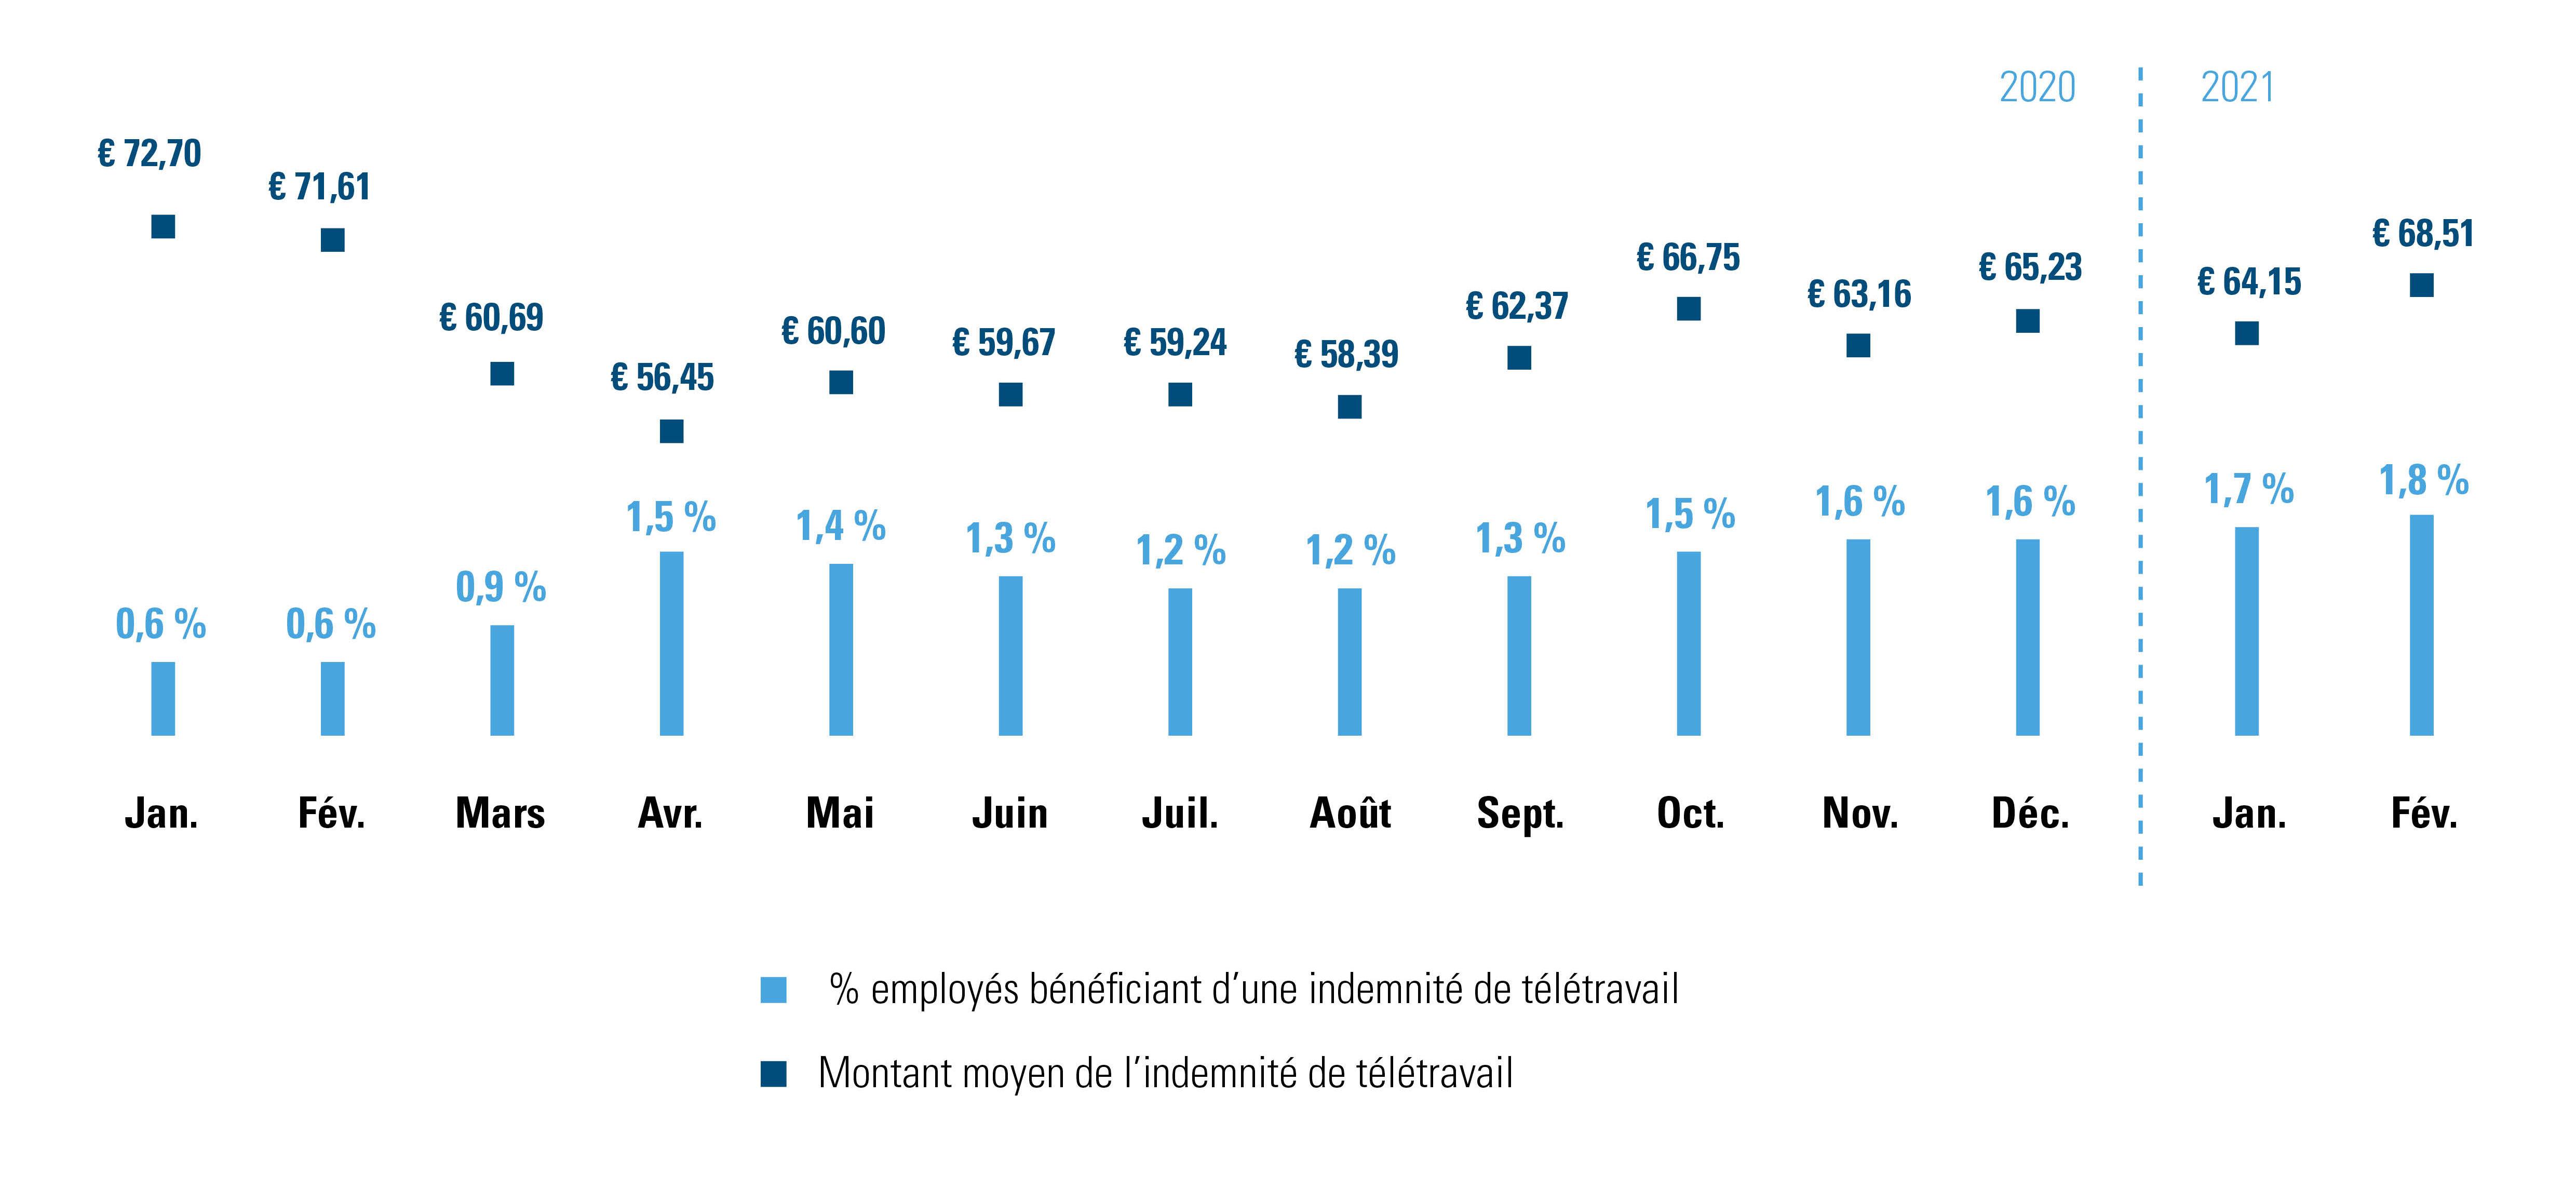 Indemnité de télétravail pour les employés mois après mois